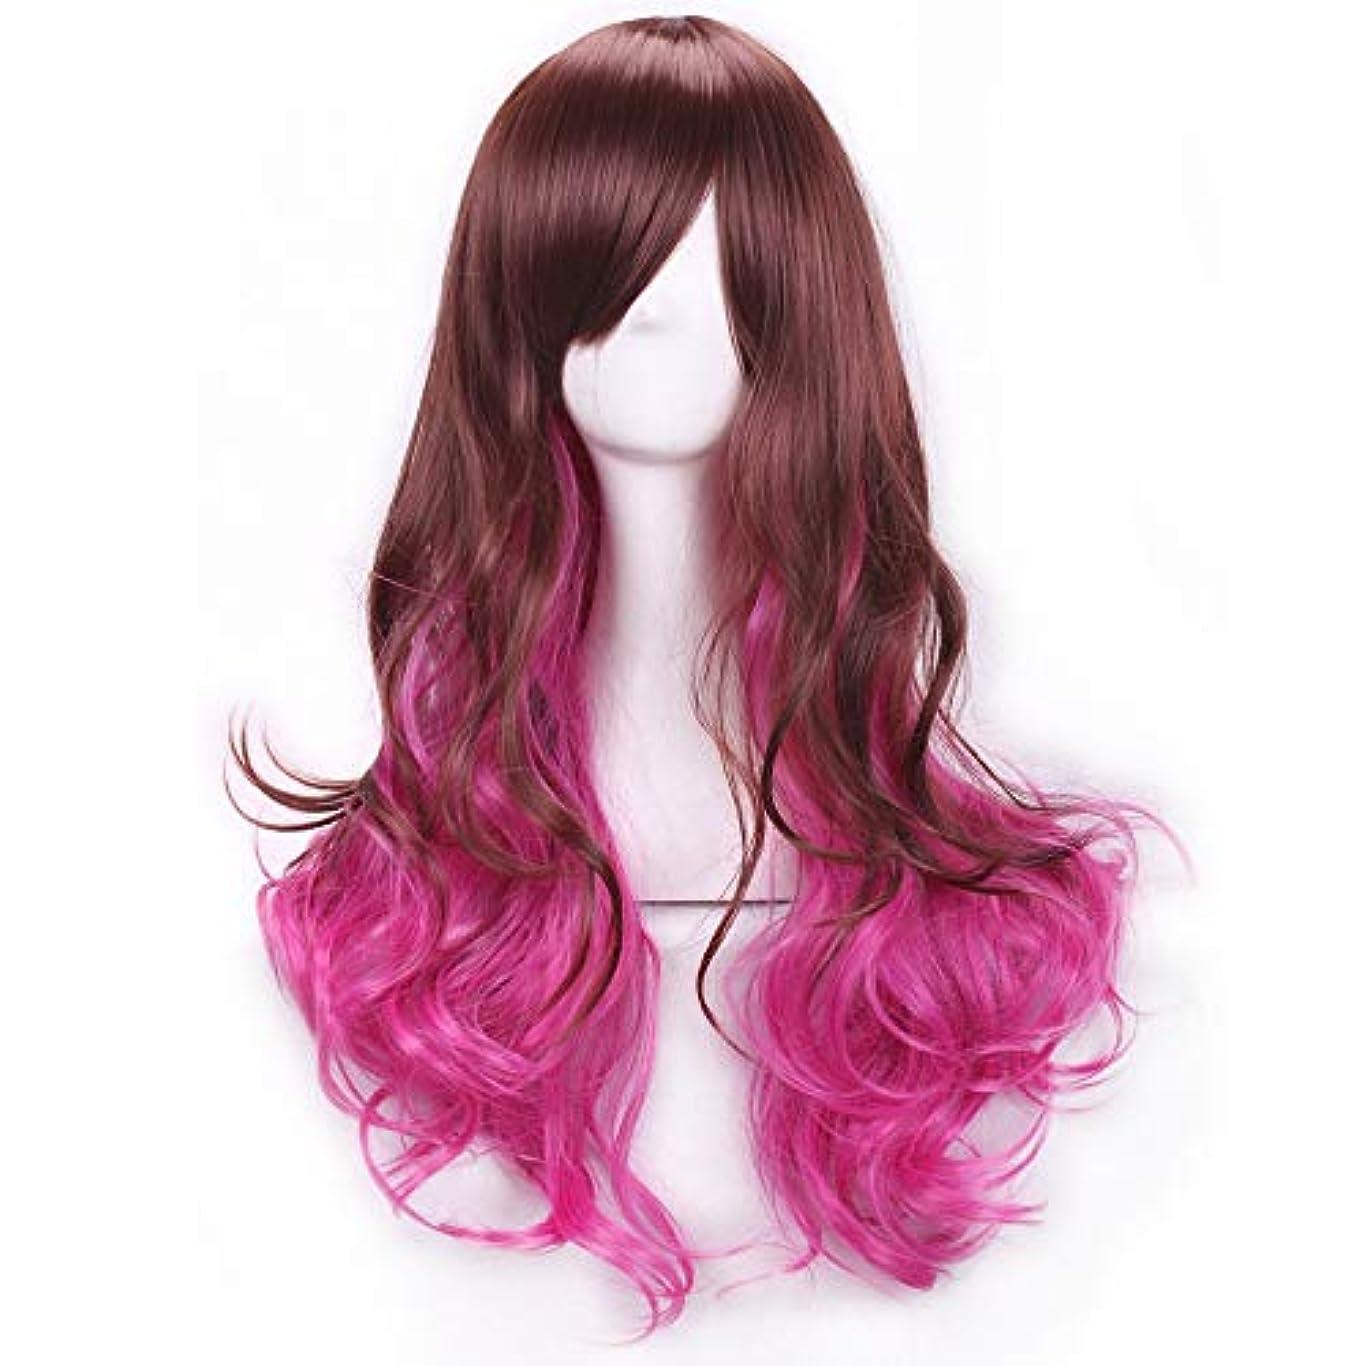 満足報告書気晴らしかつらキャップでかつらファンシードレスカールかつら女性用高品質合成毛髪コスプレ高密度かつら女性&女の子用ブラウン、ピンク、パープル (Color : ピンク)